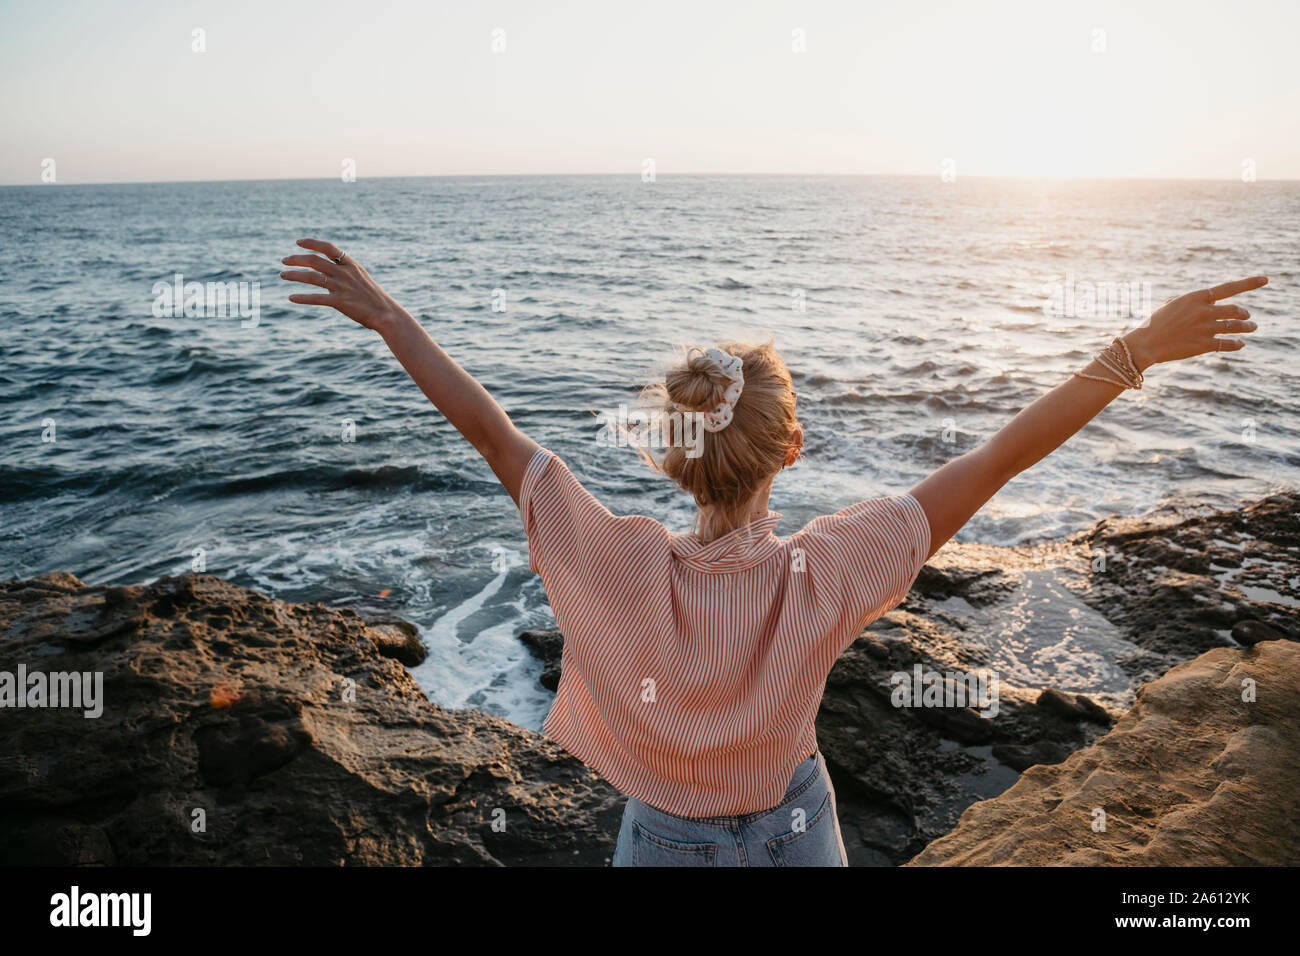 Vue arrière du jeune femme de la mer avec les bras levés, Sunset Cliffs, San Diego, California, USA Banque D'Images